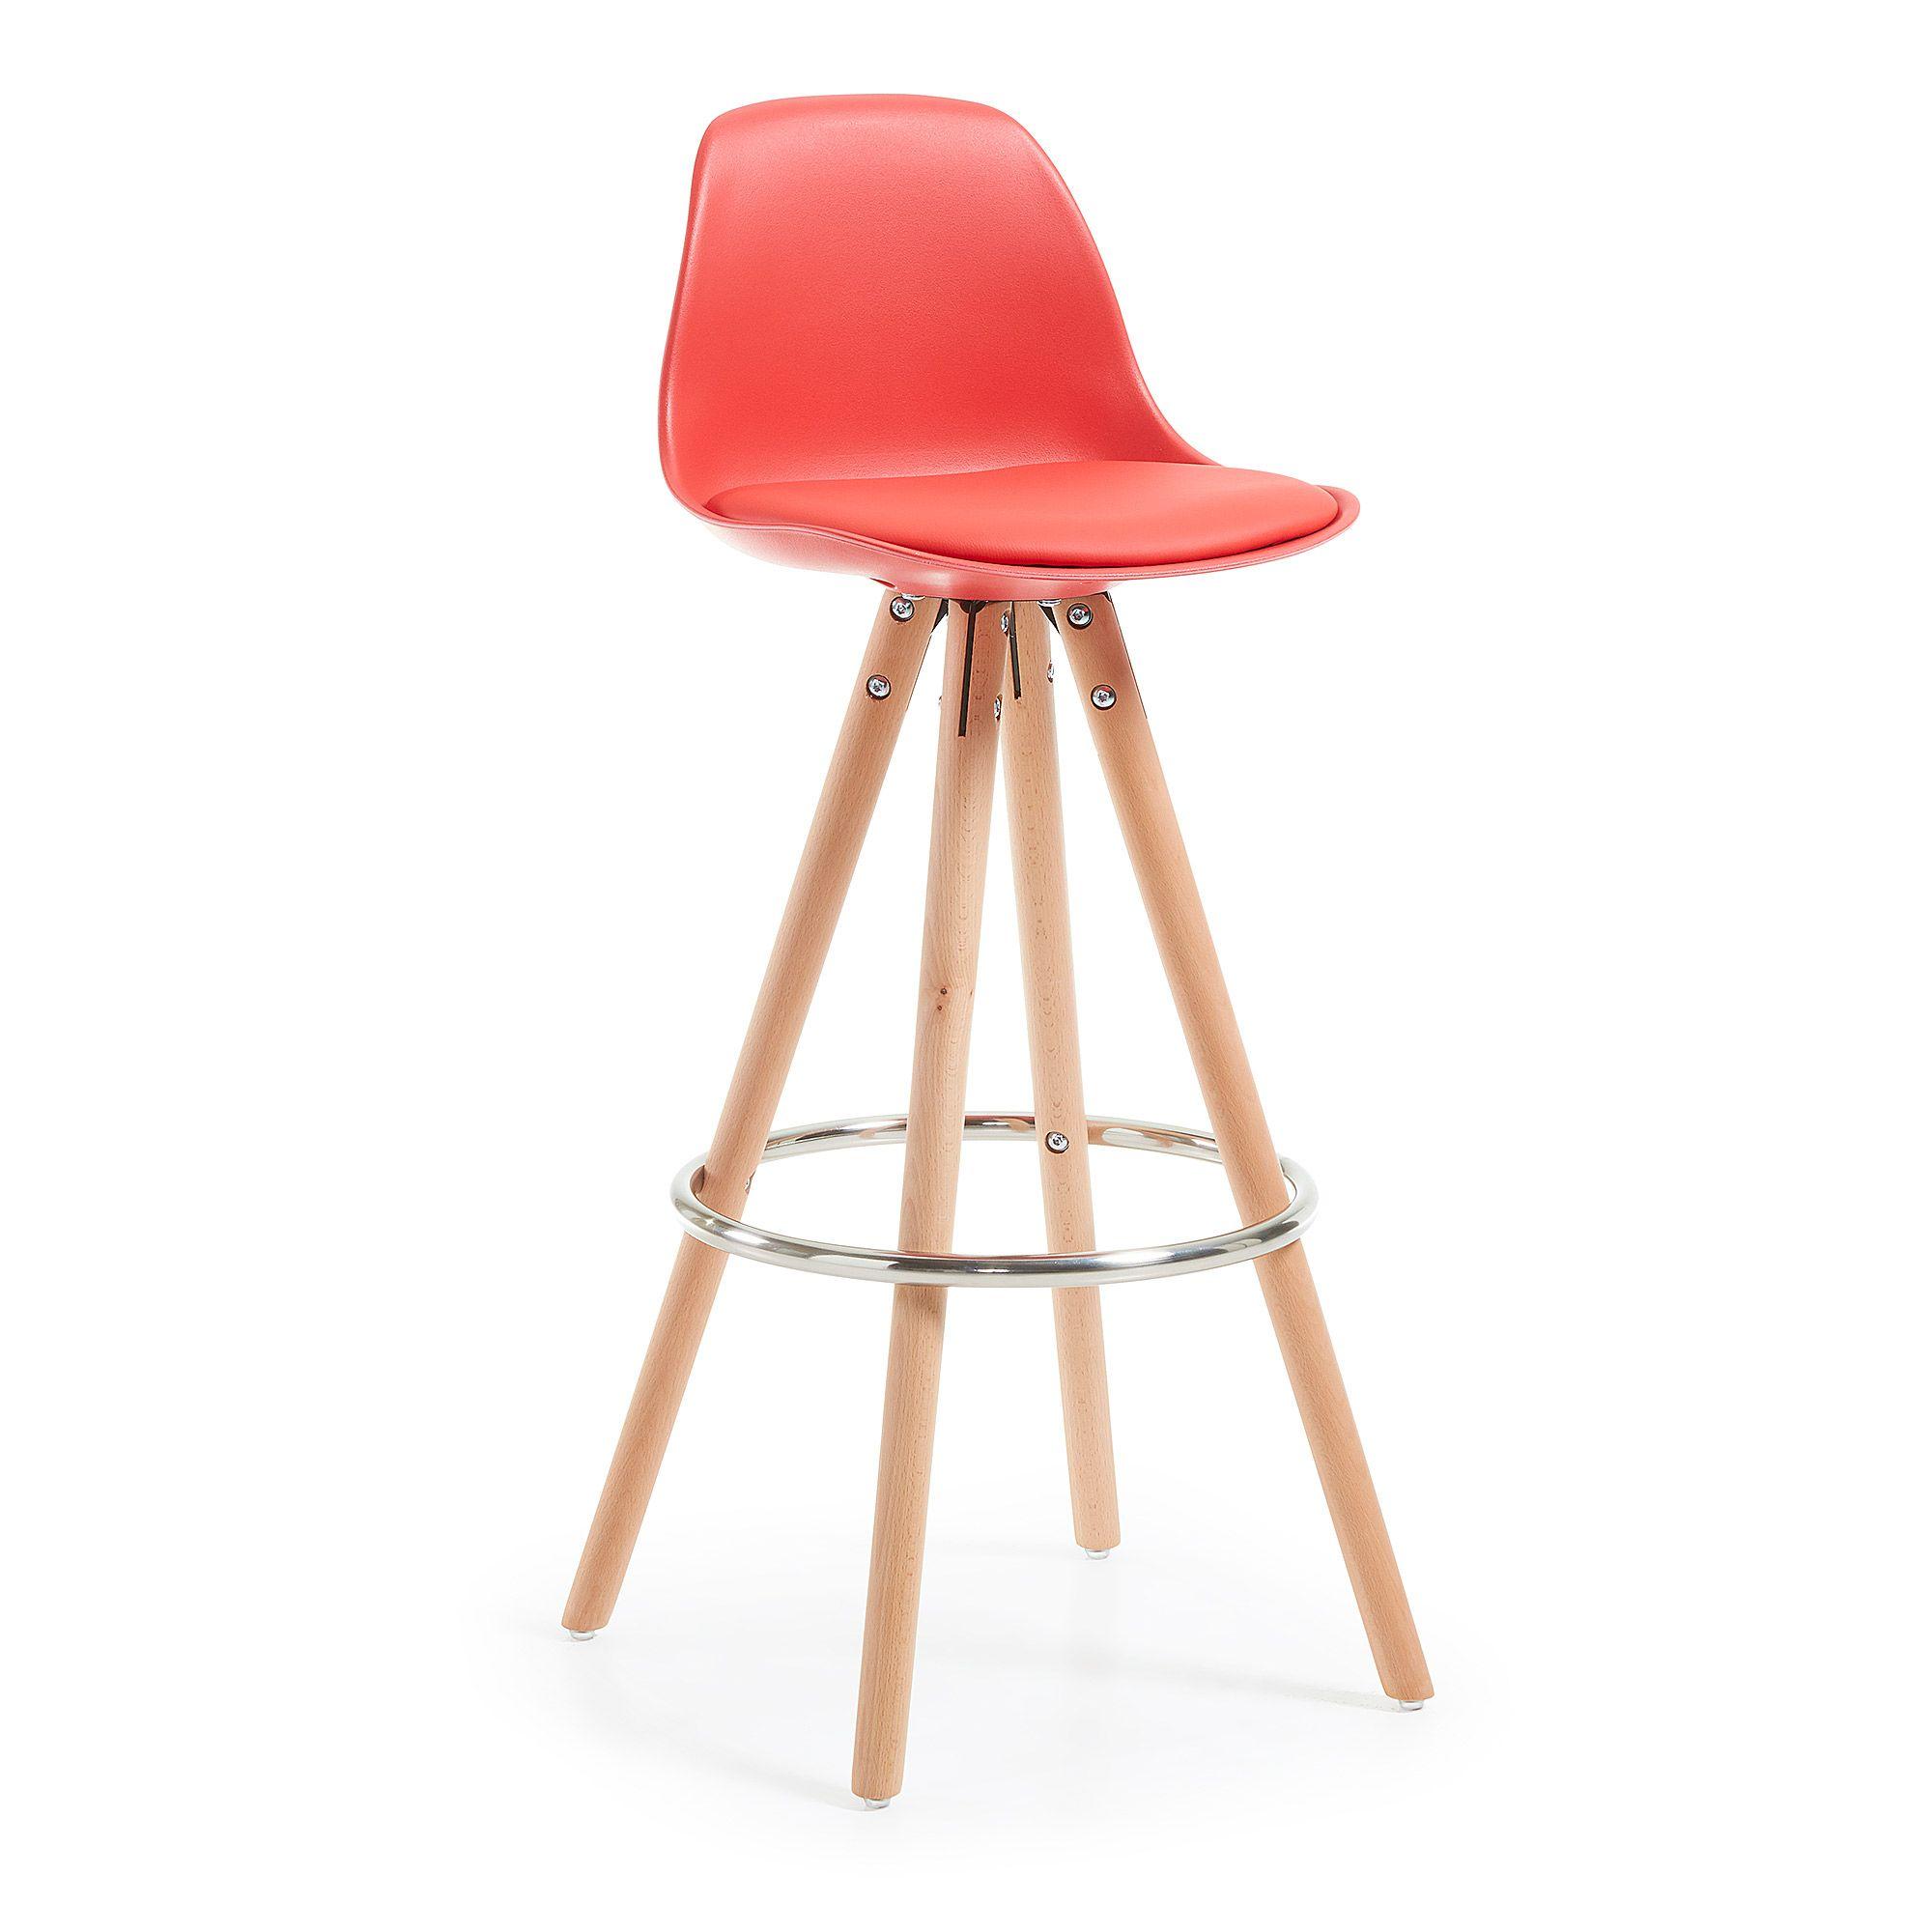 Купить Стул Stag красный в интернет магазине дизайнерской мебели и аксессуаров для дома и дачи